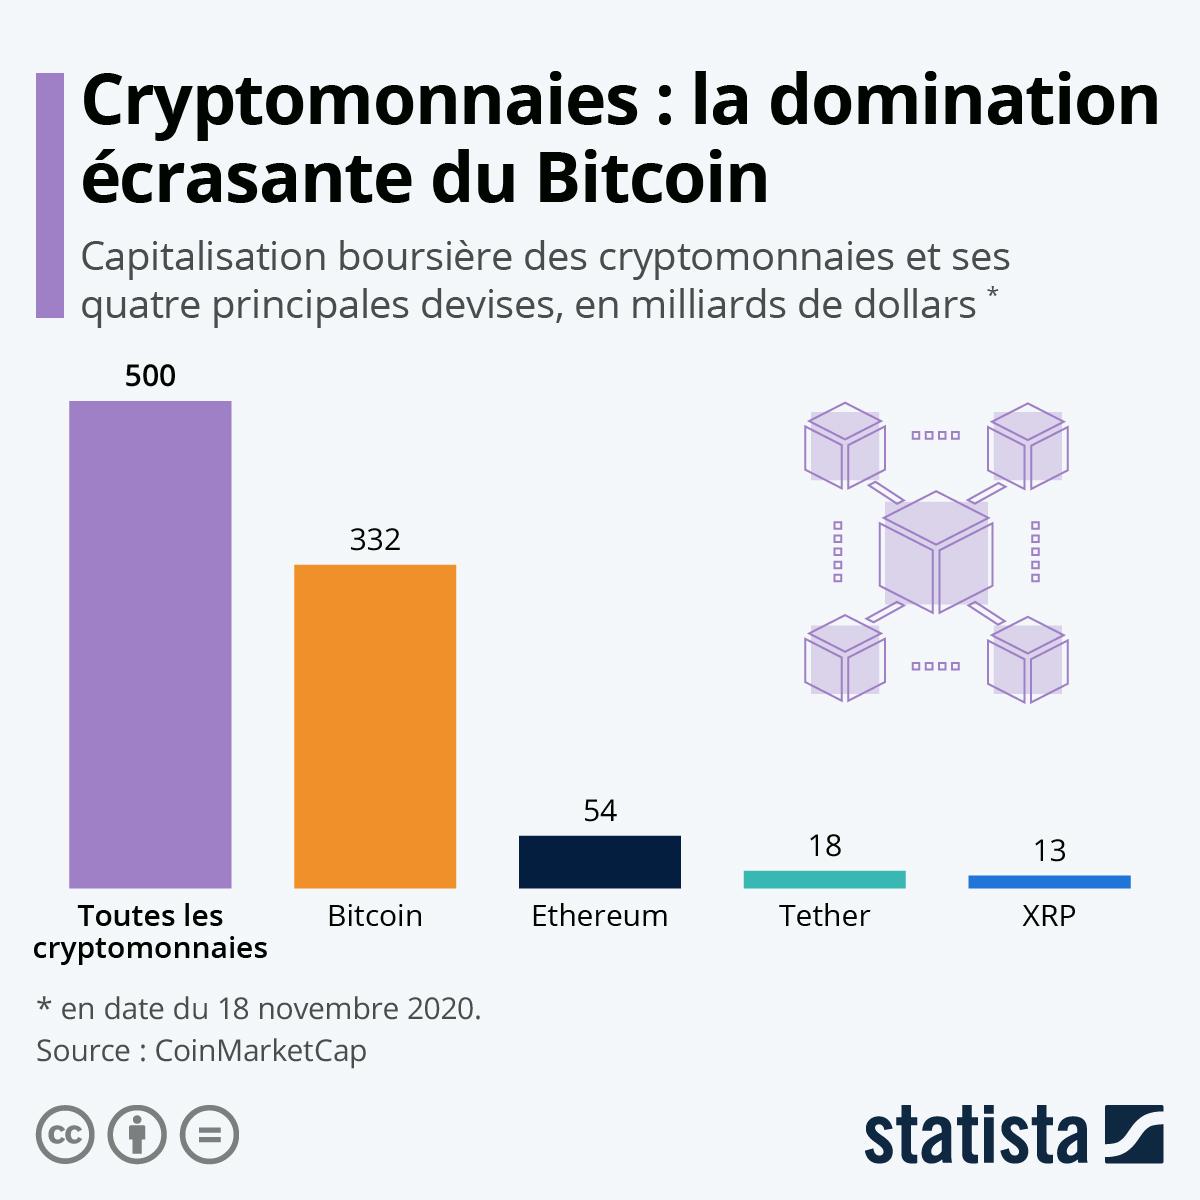 schéma de capitalisation boursière des cryptomonnaies